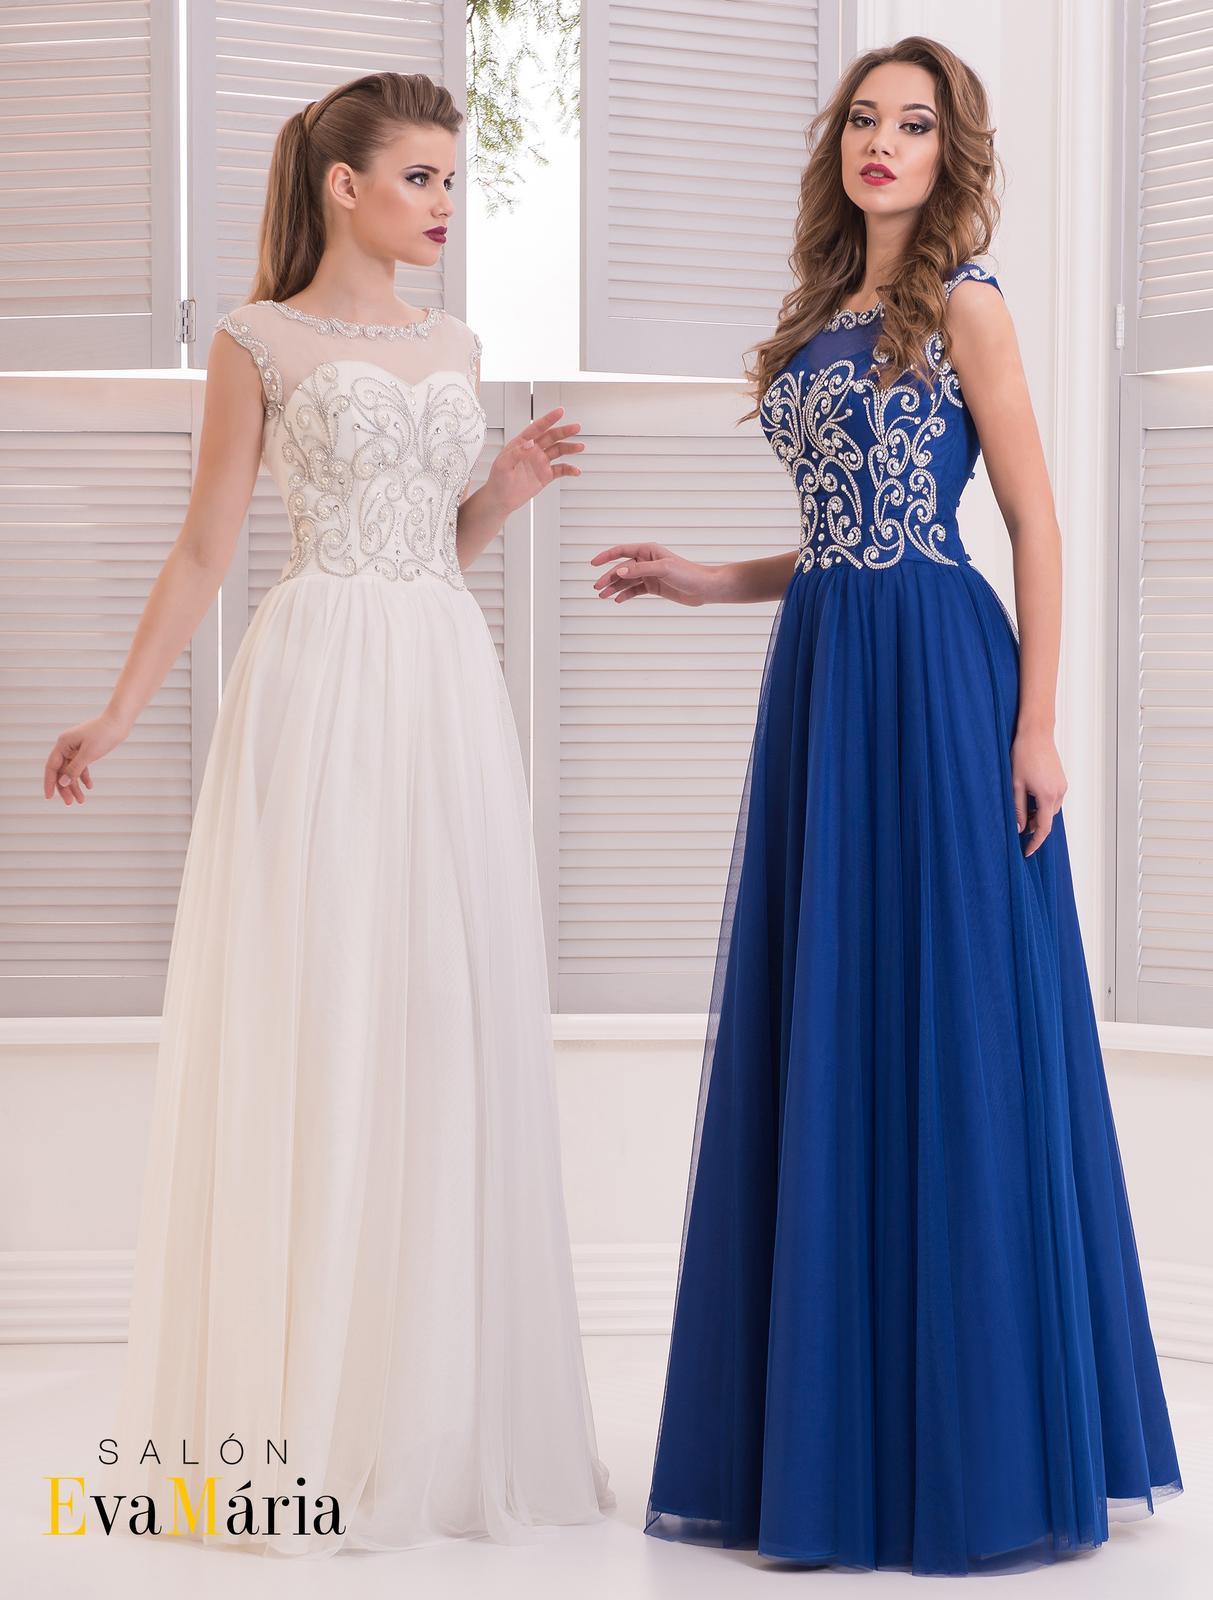 57b6a7a25 Nádherné luxusné spoločenské šaty na predaj, 38 - 228 € | Svadobné shopy |  Mojasvadba.sk